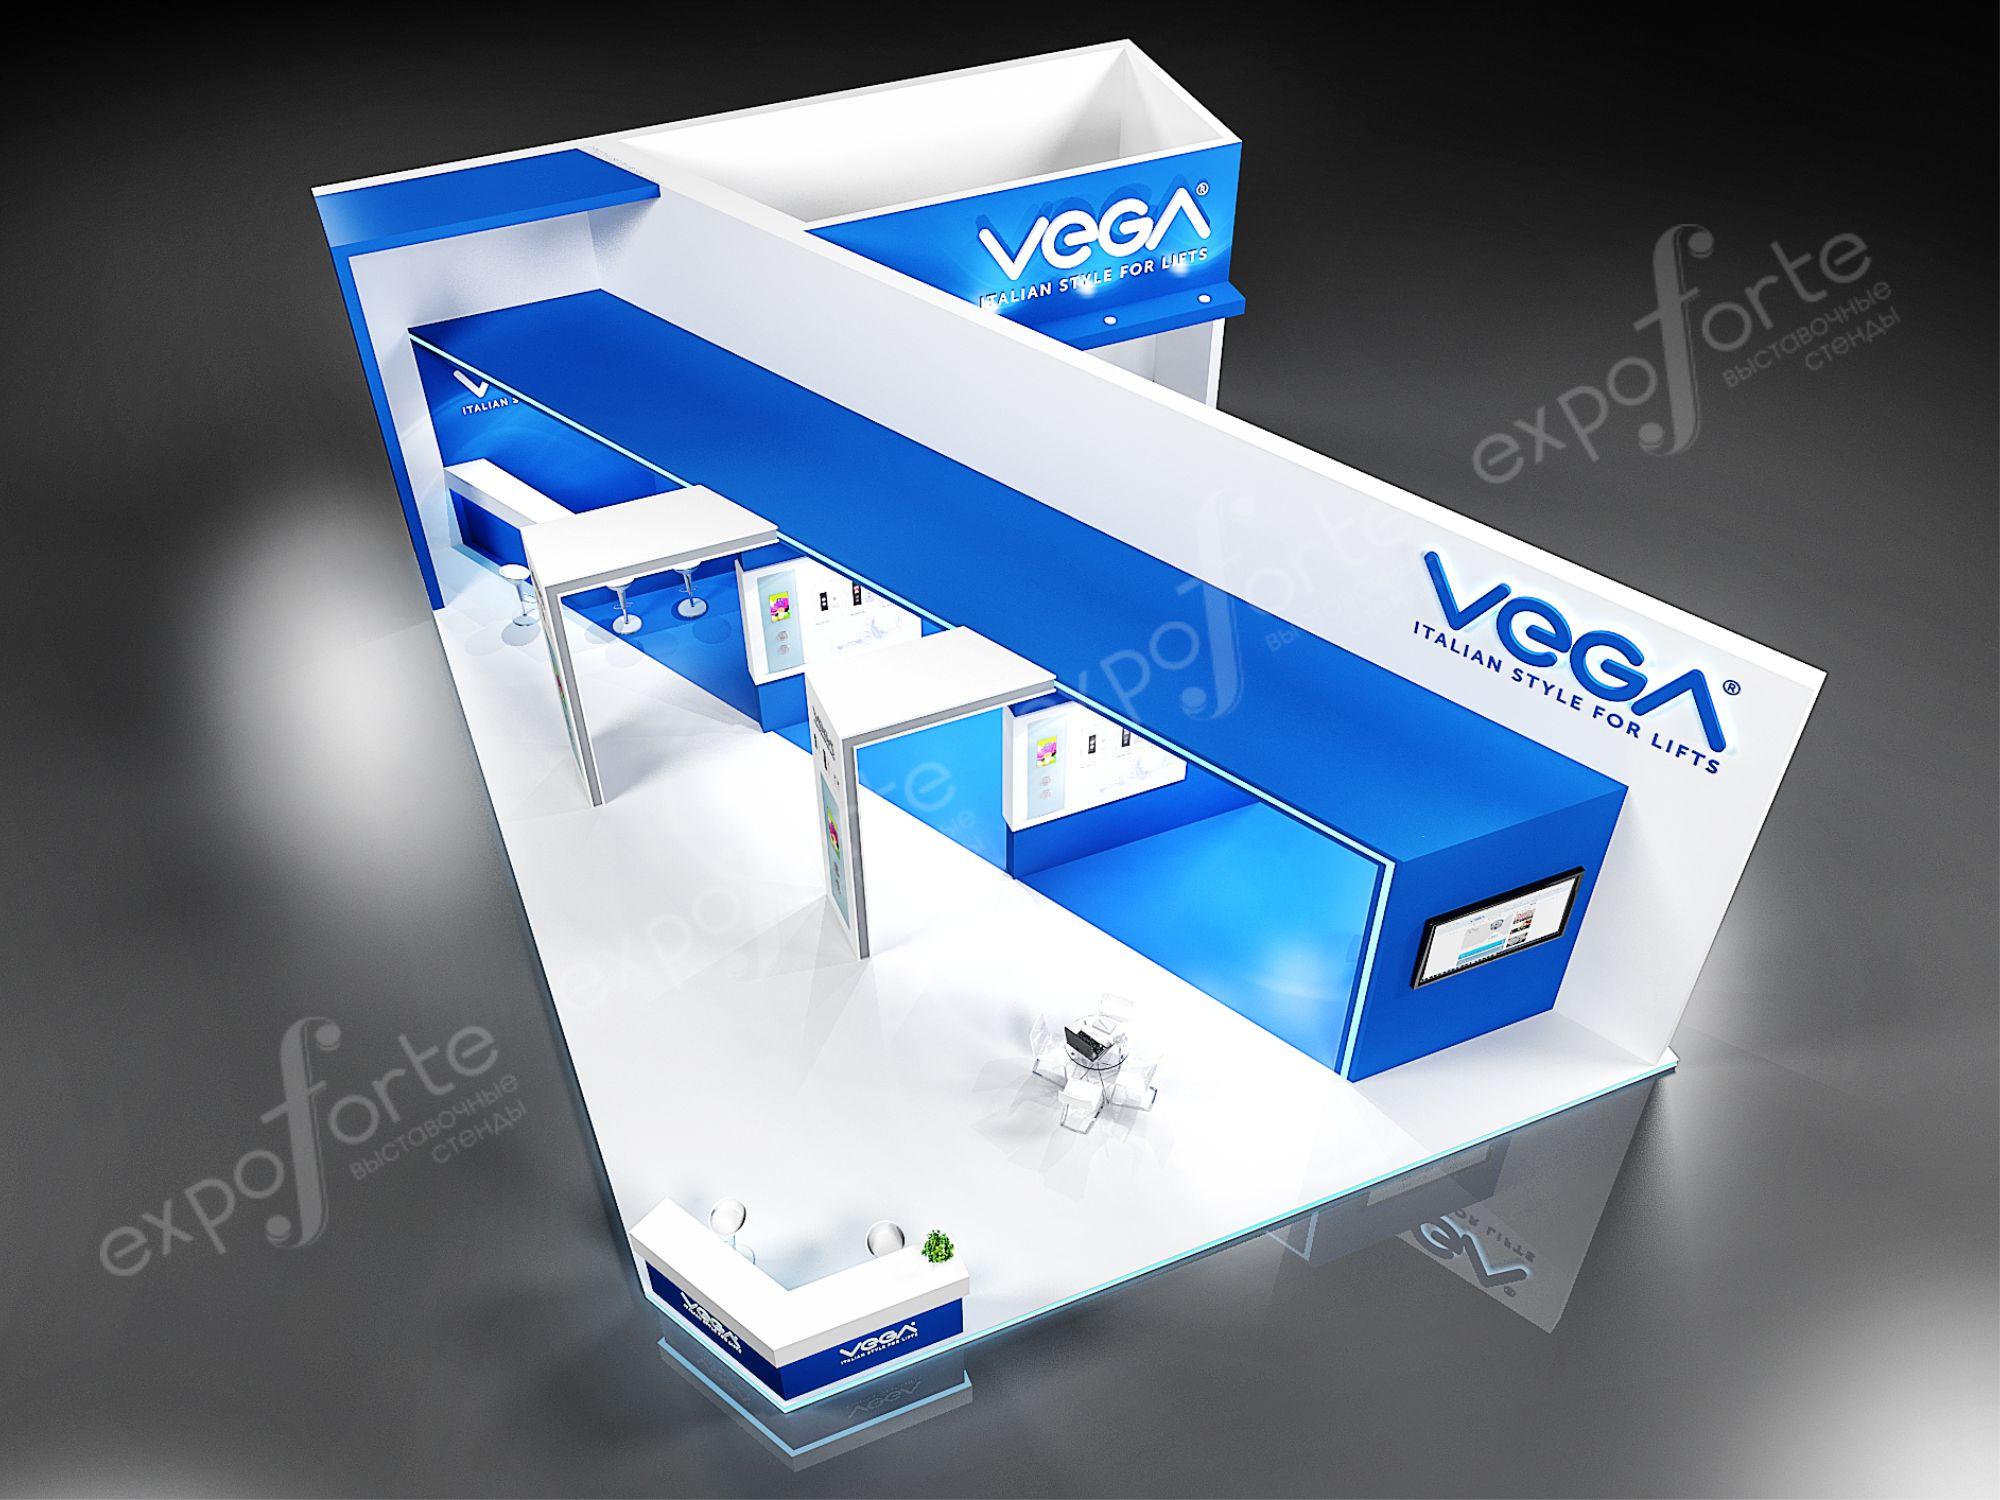 Фото: VEGA, выставка ИНТЕРЛИФТ – картинка 8